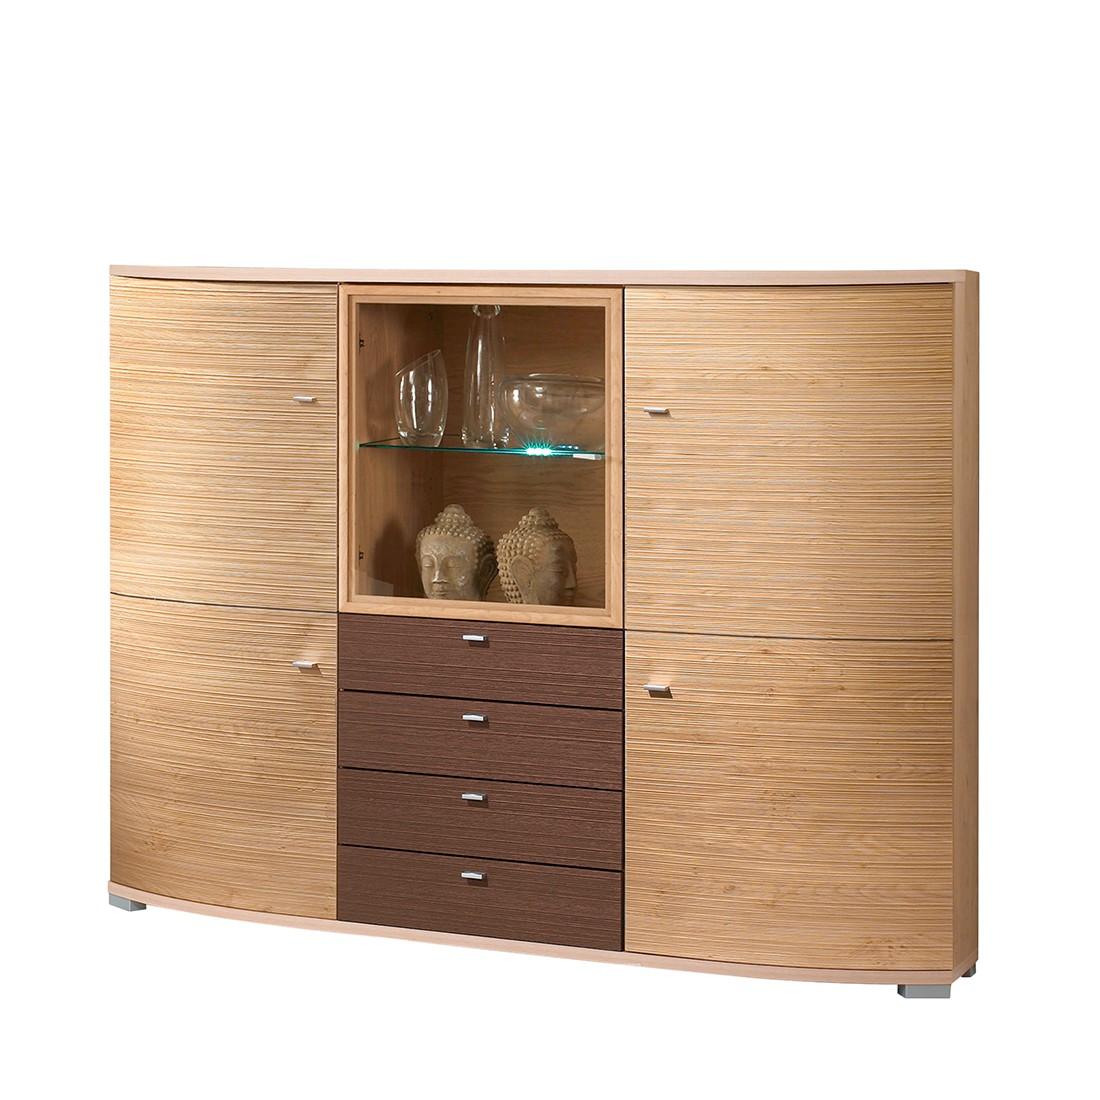 highboard morena wildeiche dekor braun ohne beleuchtung. Black Bedroom Furniture Sets. Home Design Ideas